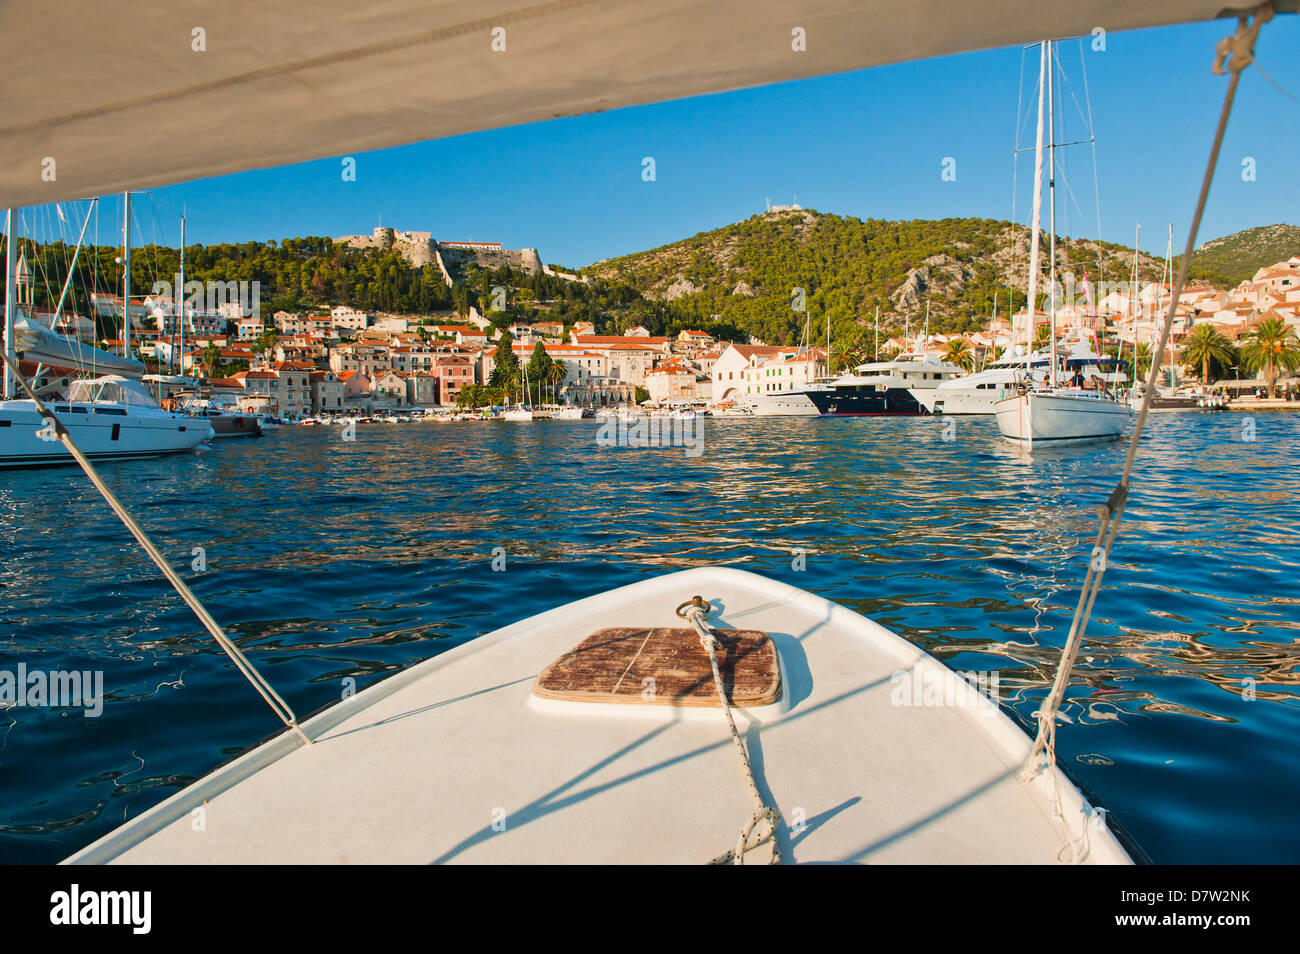 Viaje en barco regresando a la ciudad de Hvar, Hvar Island, la costa Dálmata, Adriático, Croacia Imagen De Stock